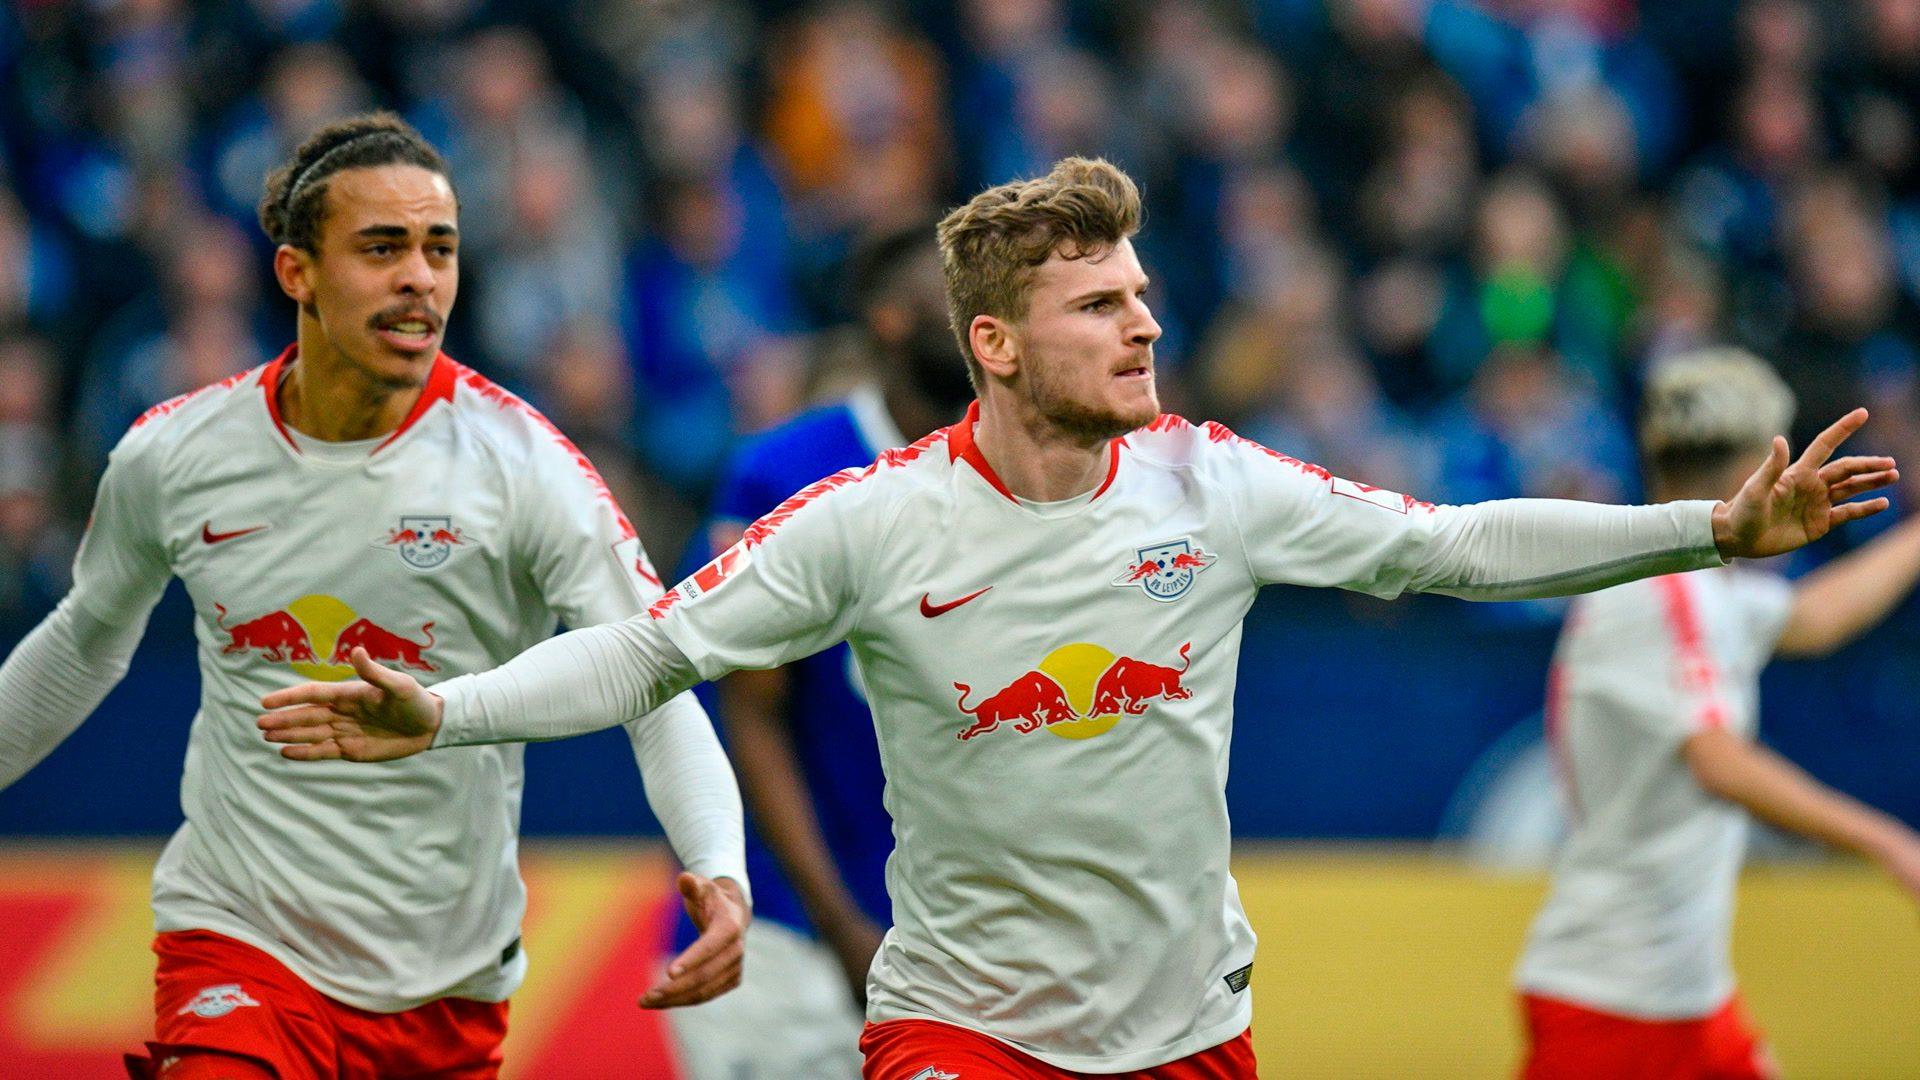 Werner strikes at Schalke as Leipzig win away again